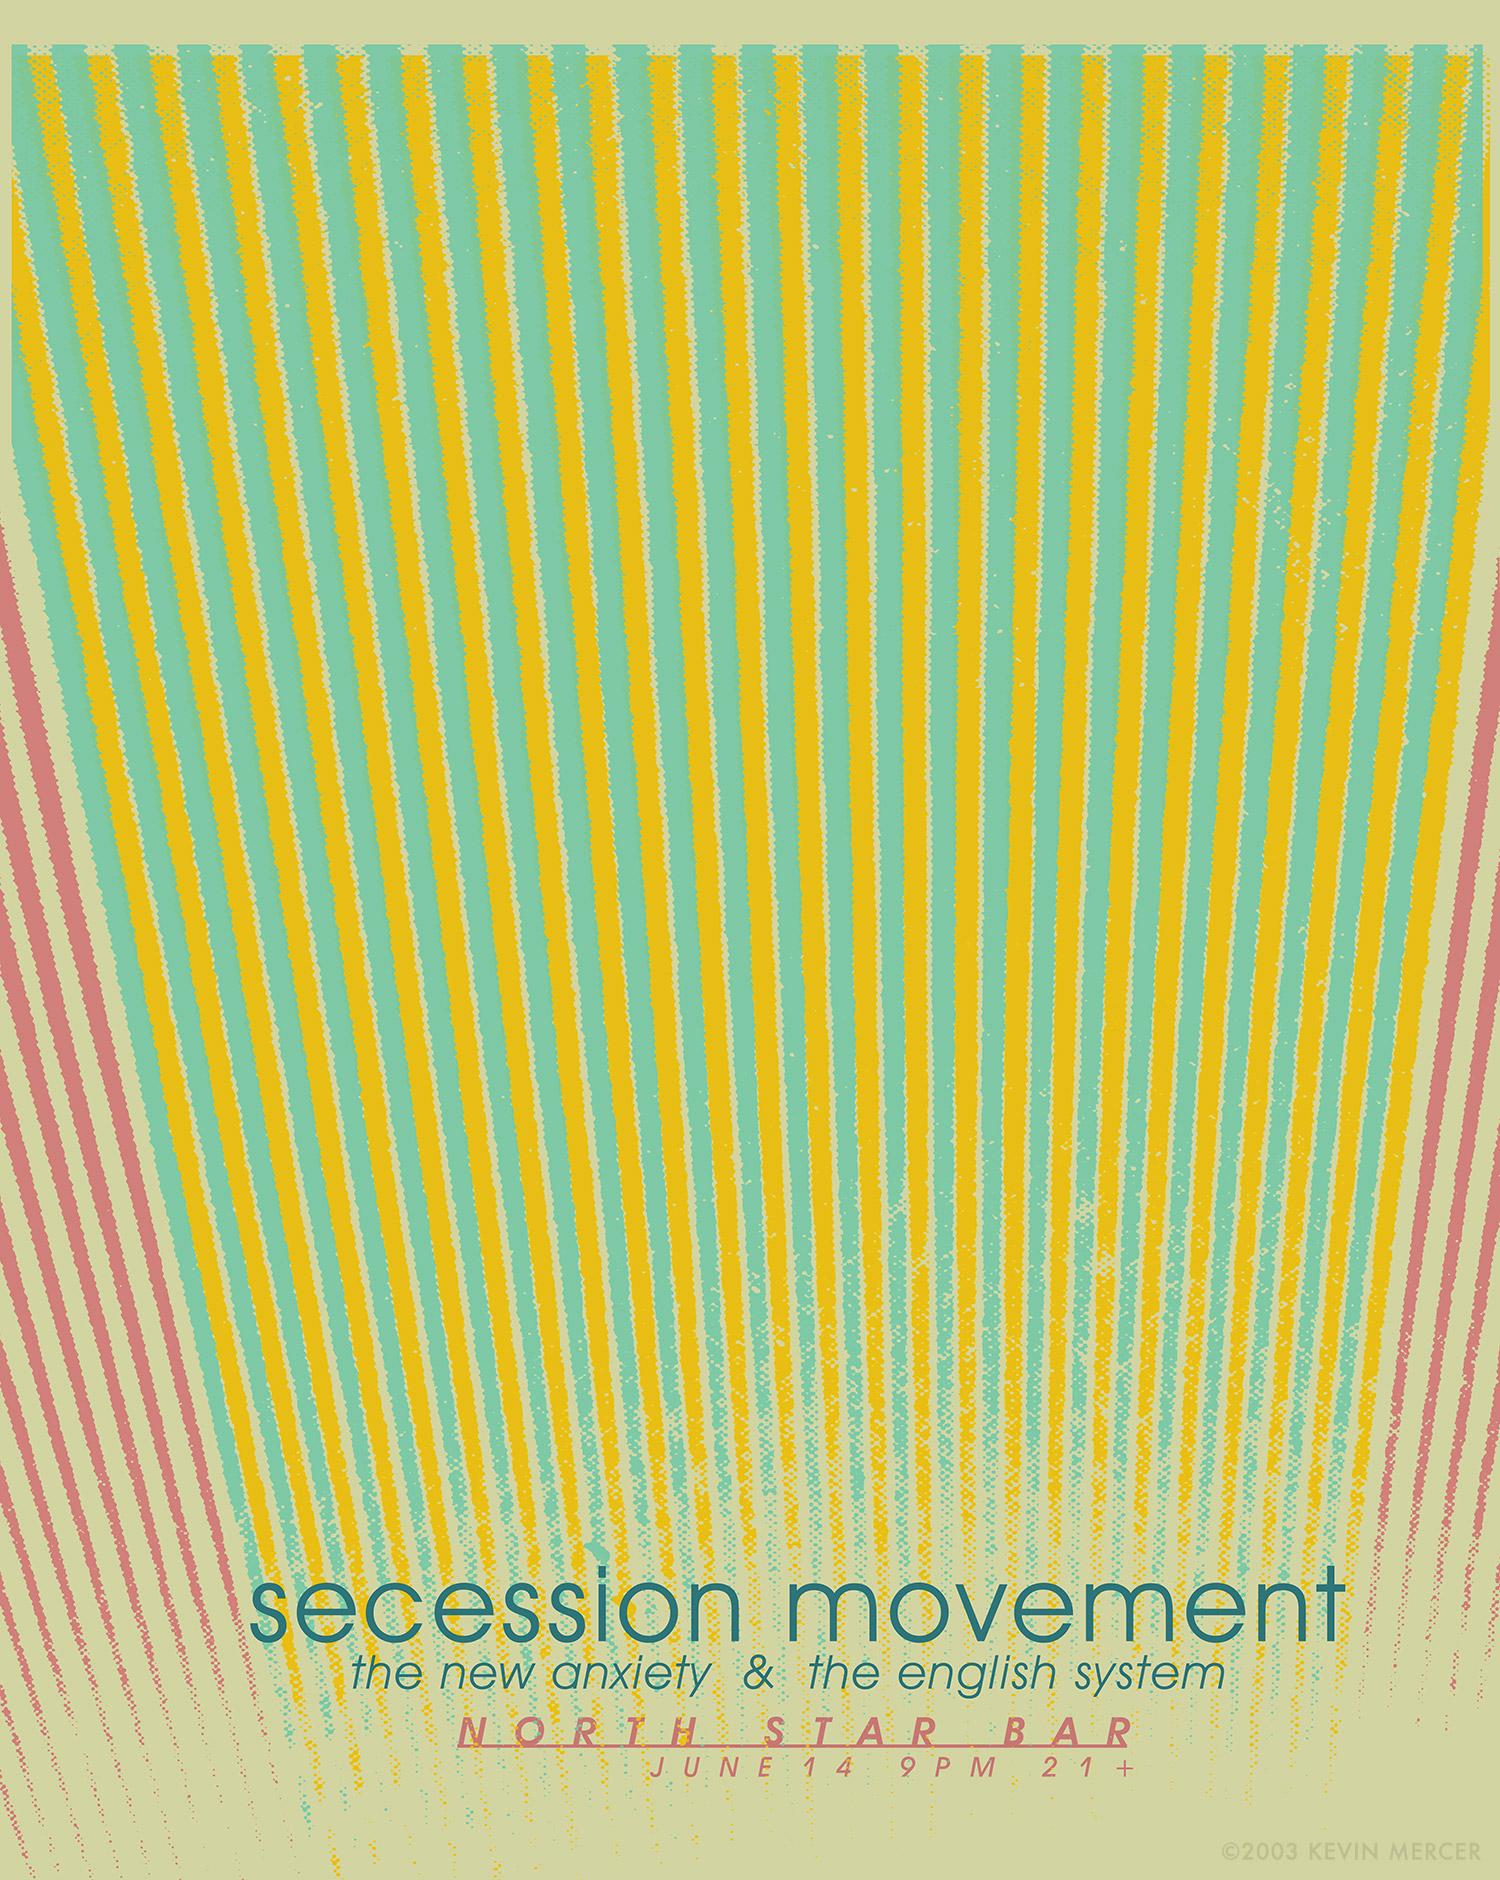 SecessionMovement2003-1500.jpg